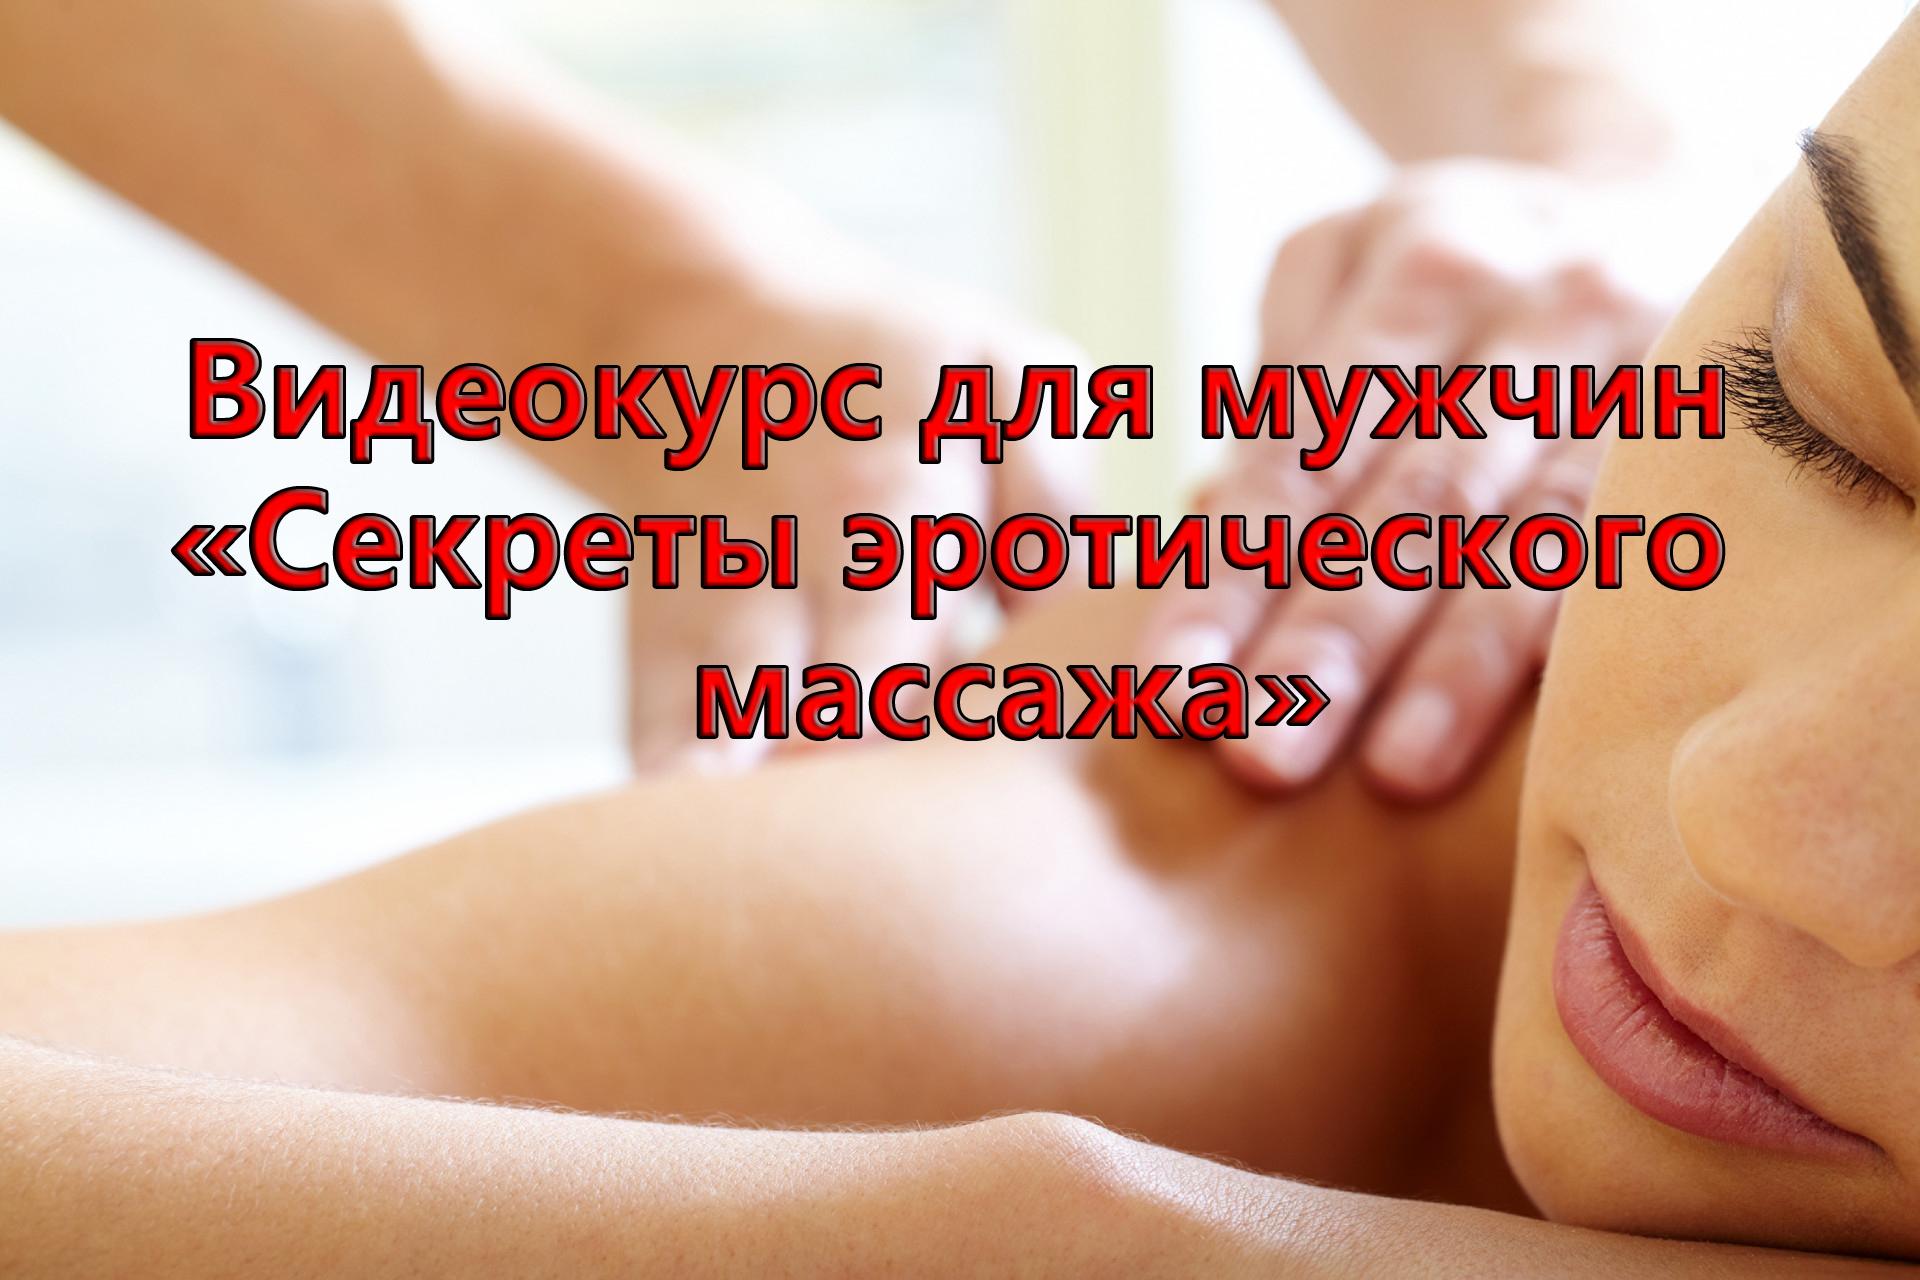 Салоны эротического массажа санкт петербург 11 фотография